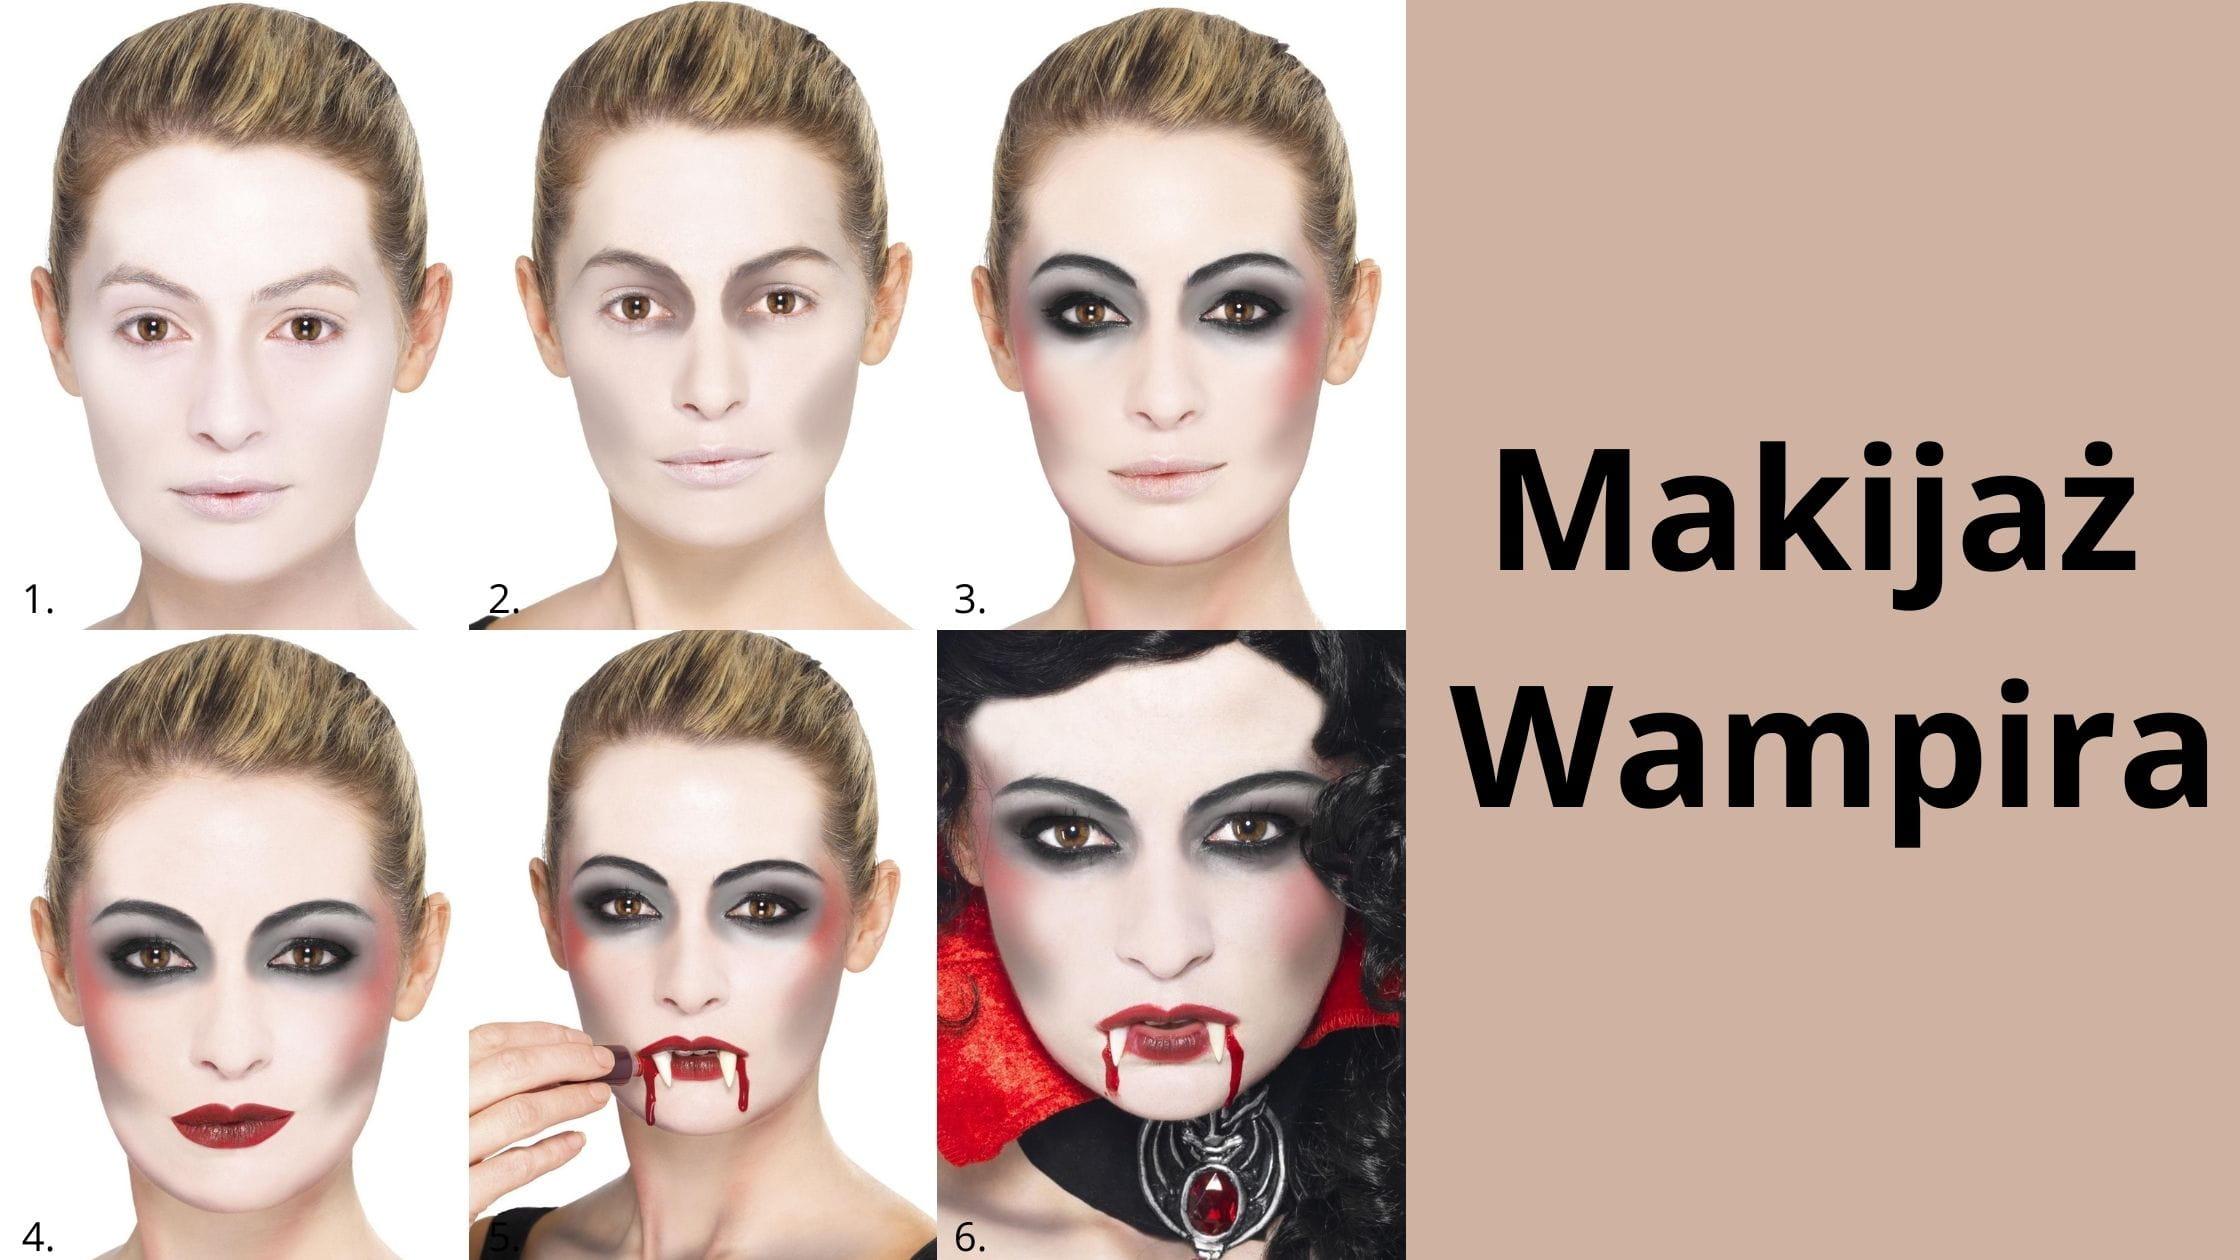 Makijaż Wampira